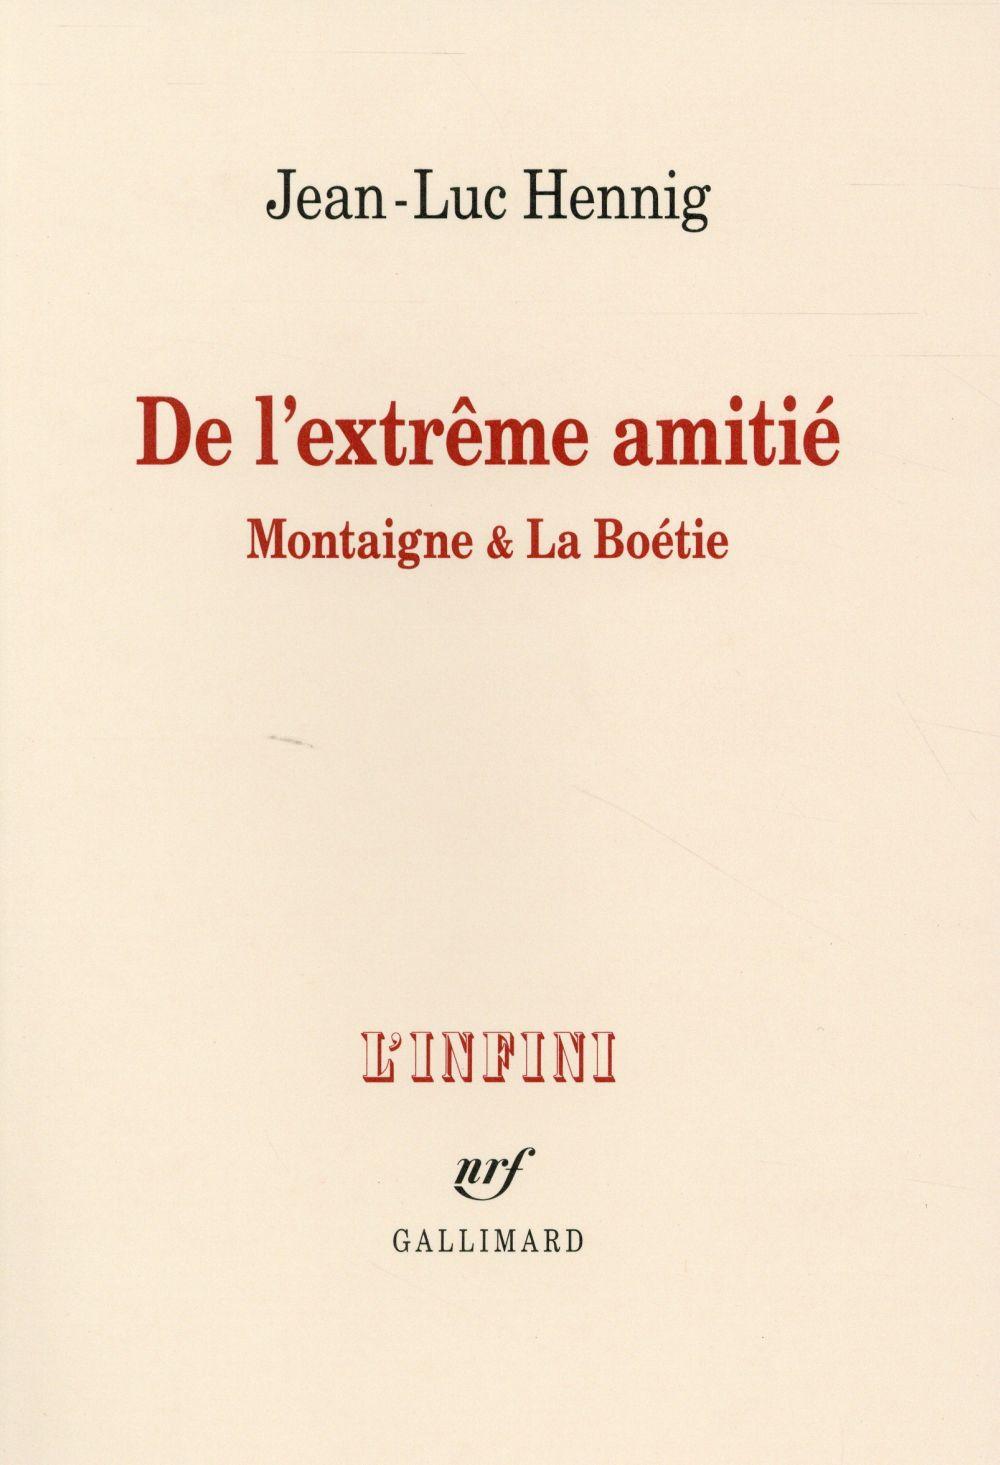 DE L'EXTREME AMITIE (MONTAIGNE ET LA BOETIE)